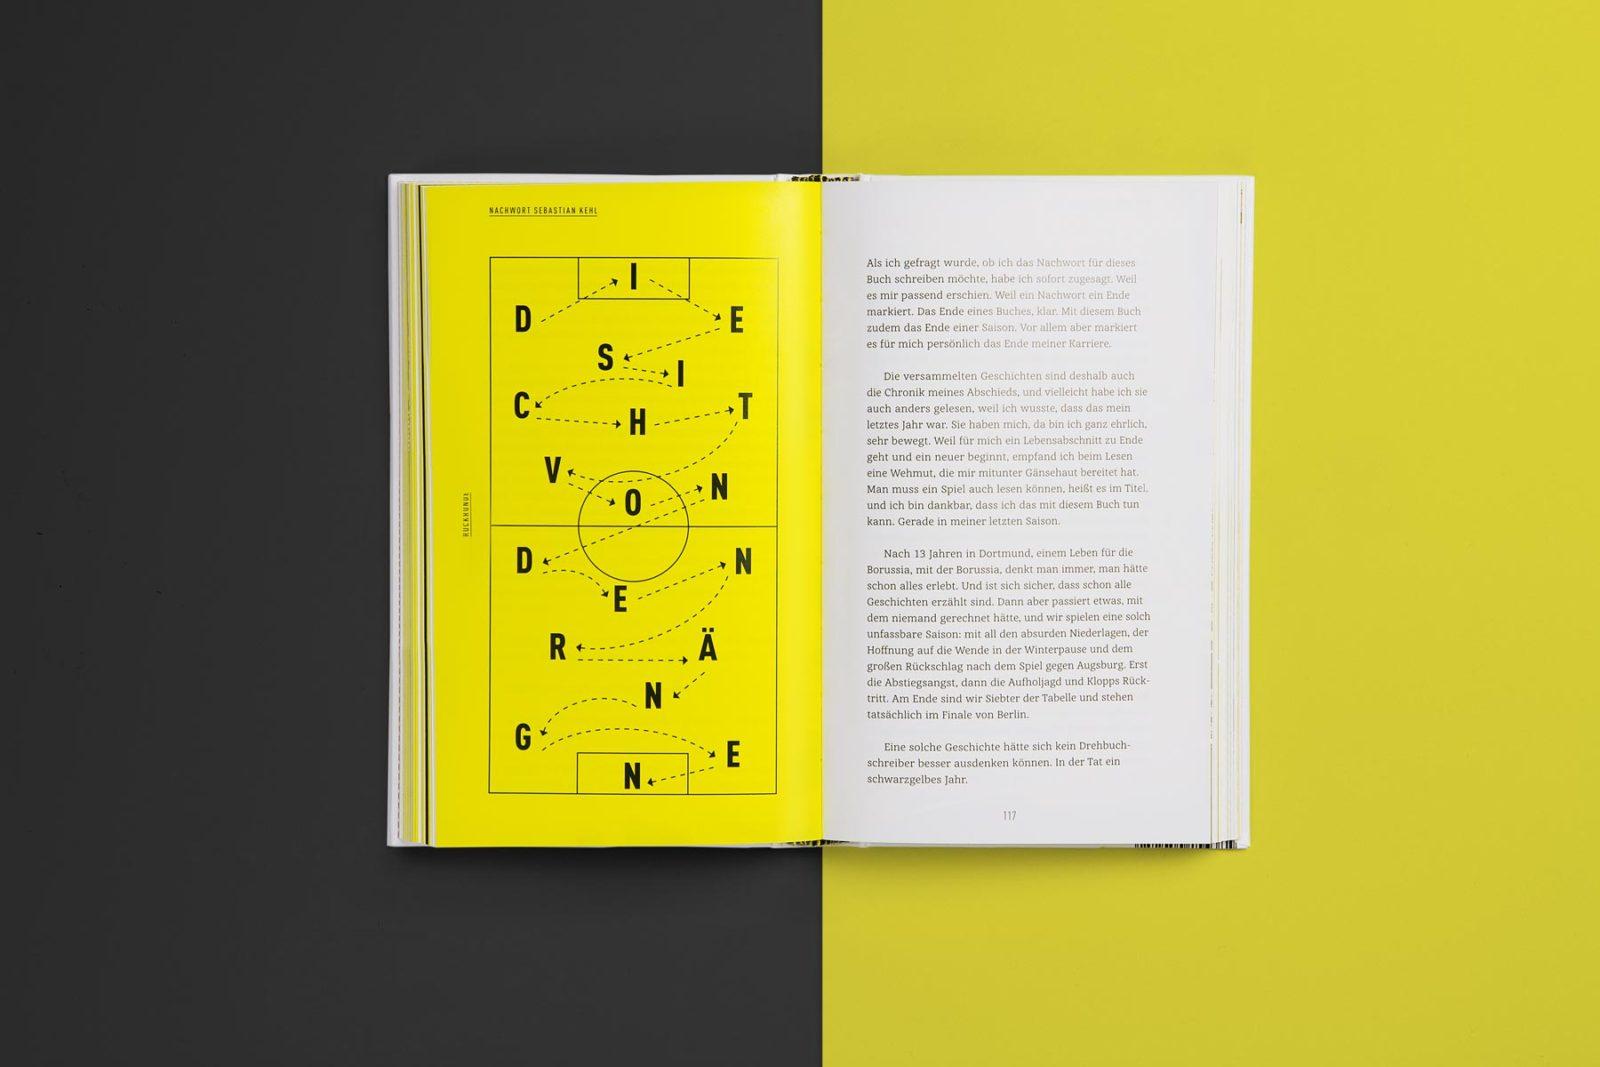 Editienne Grafikdesign - Kommunikationsdesign Berlin- Buchcoverdesign und Buchgestaltung Borussia Dortmund- BVB Buch 12